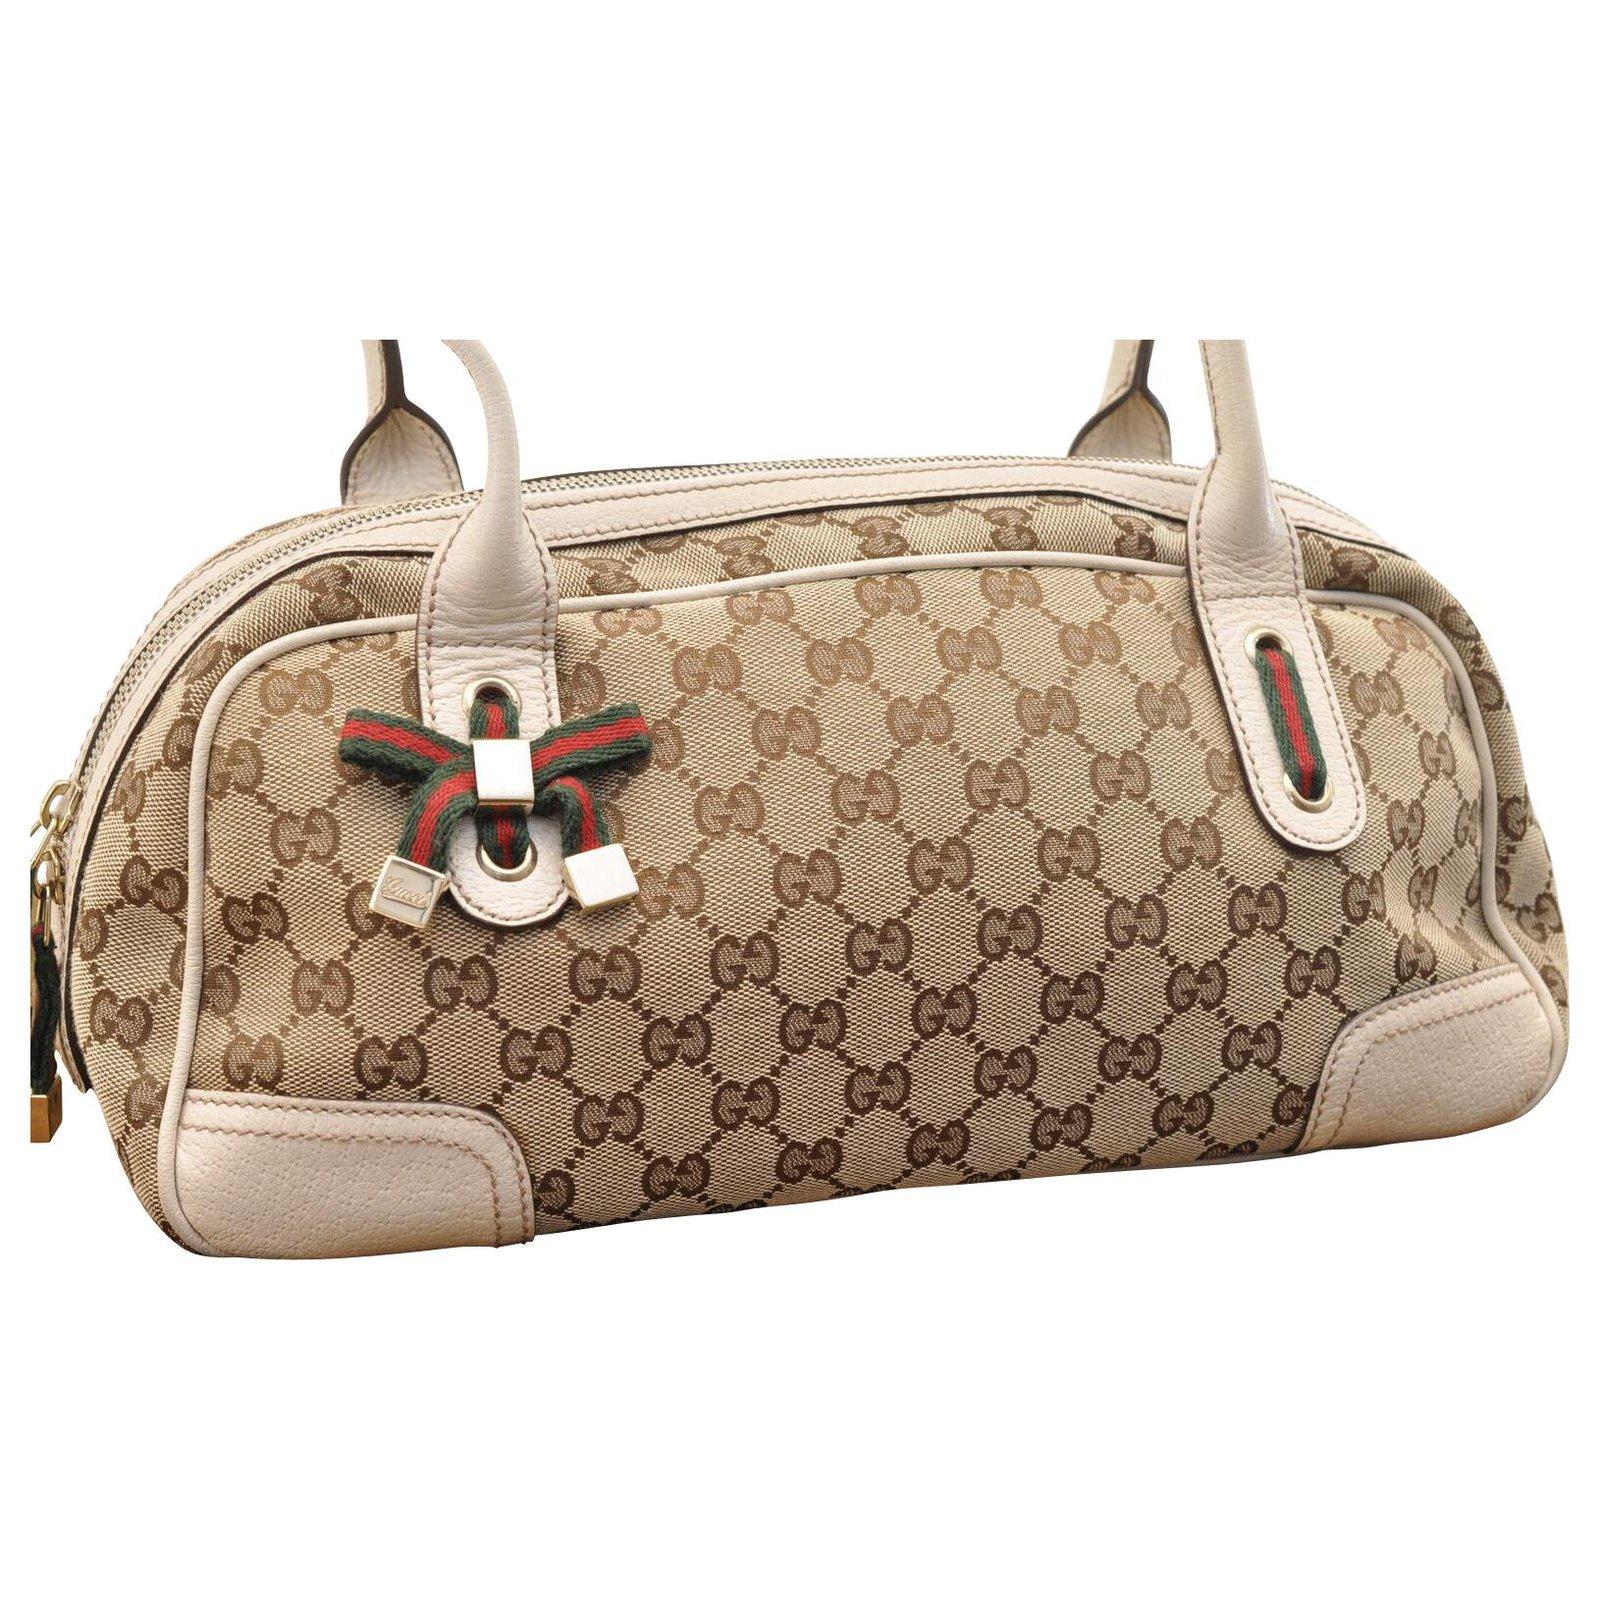 Sacs à main Gucci Gucci Sherry Line Cuir Beige ref.168721